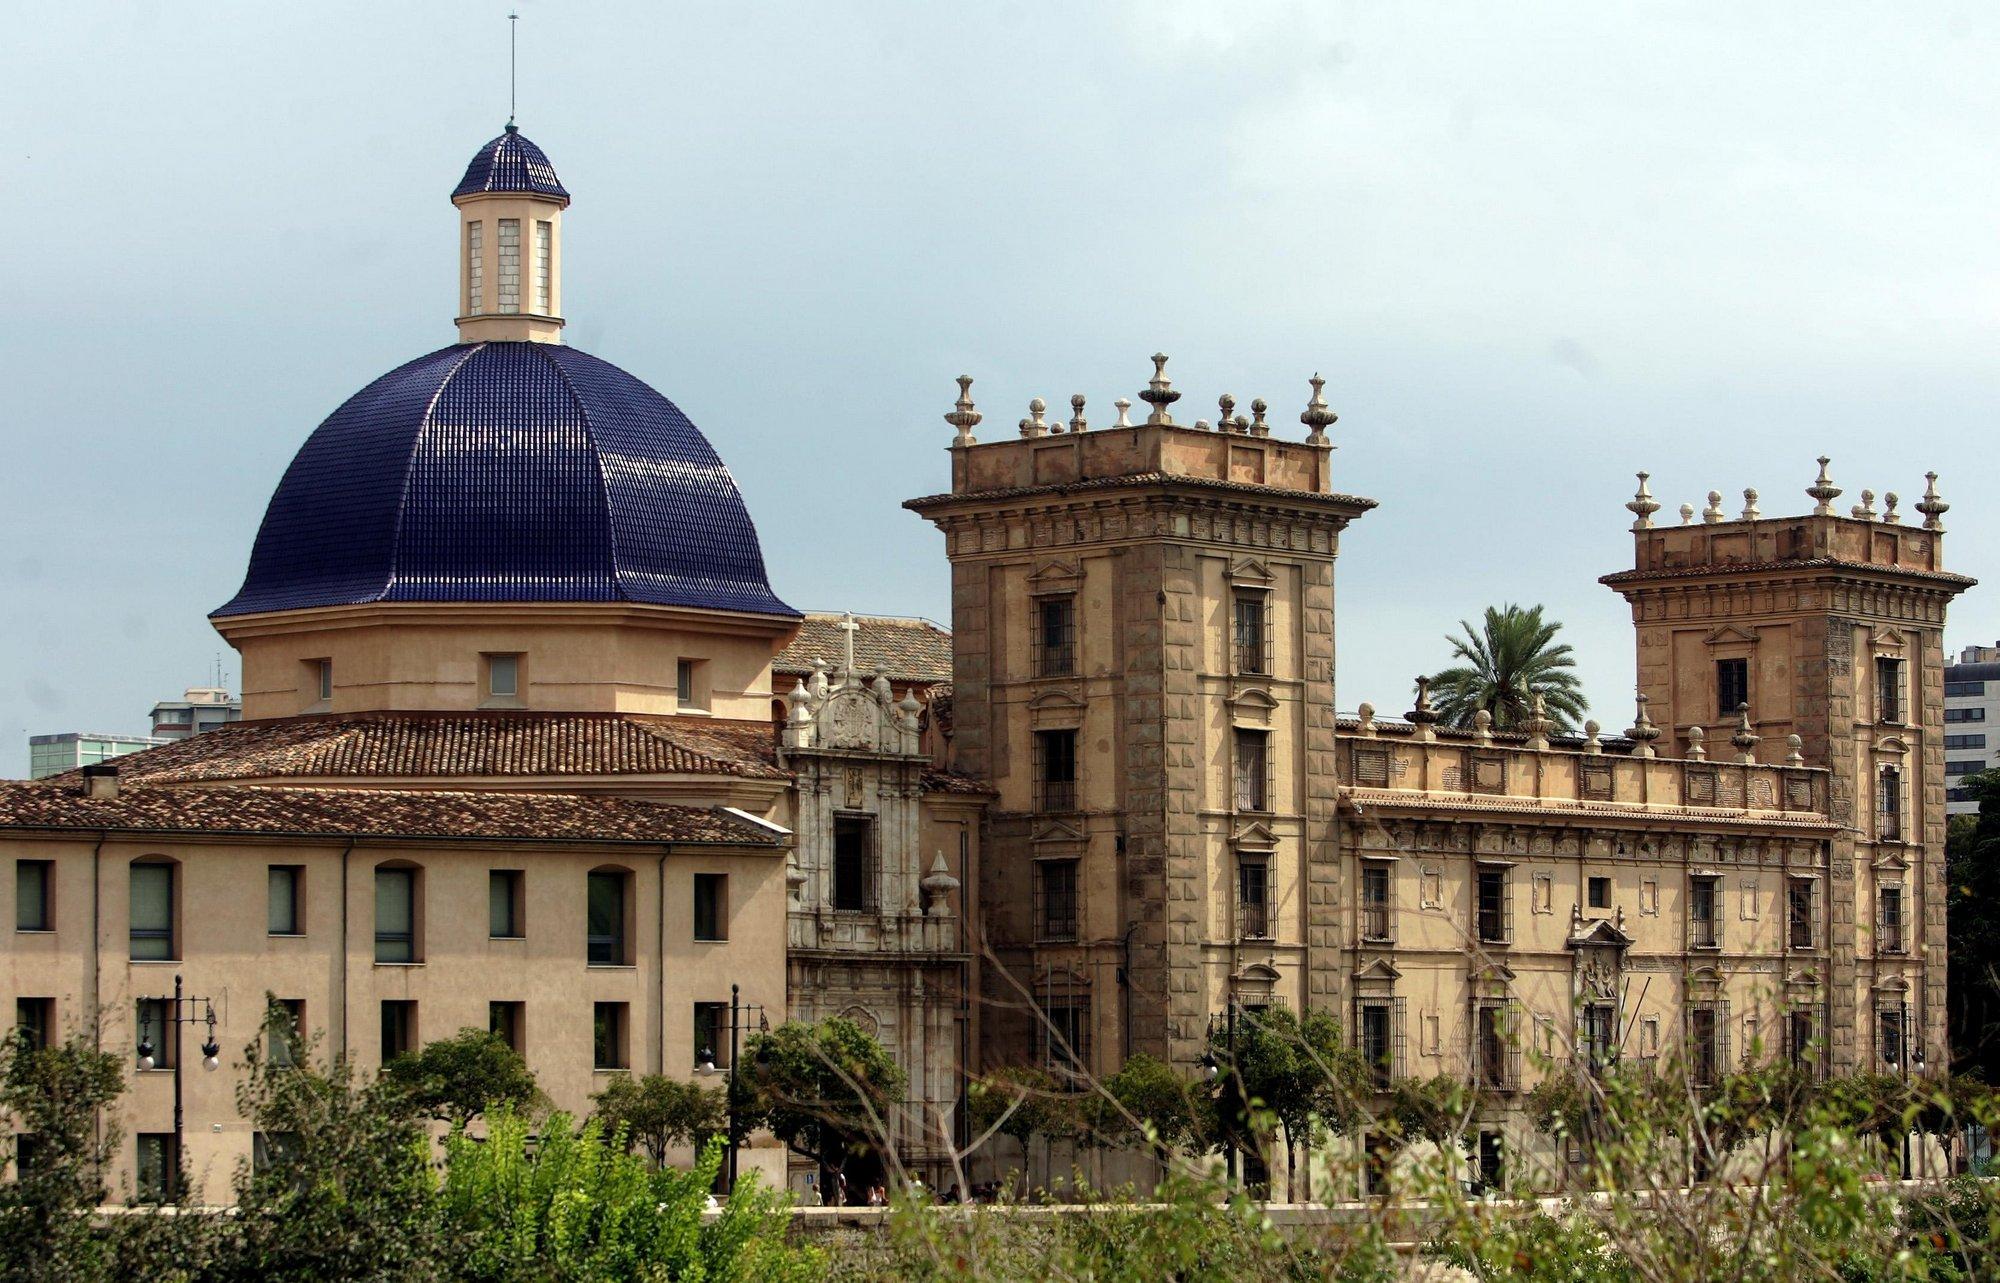 El Museo de Bellas Artes San Pío V abre todos los días para atraer nuevos visitantes